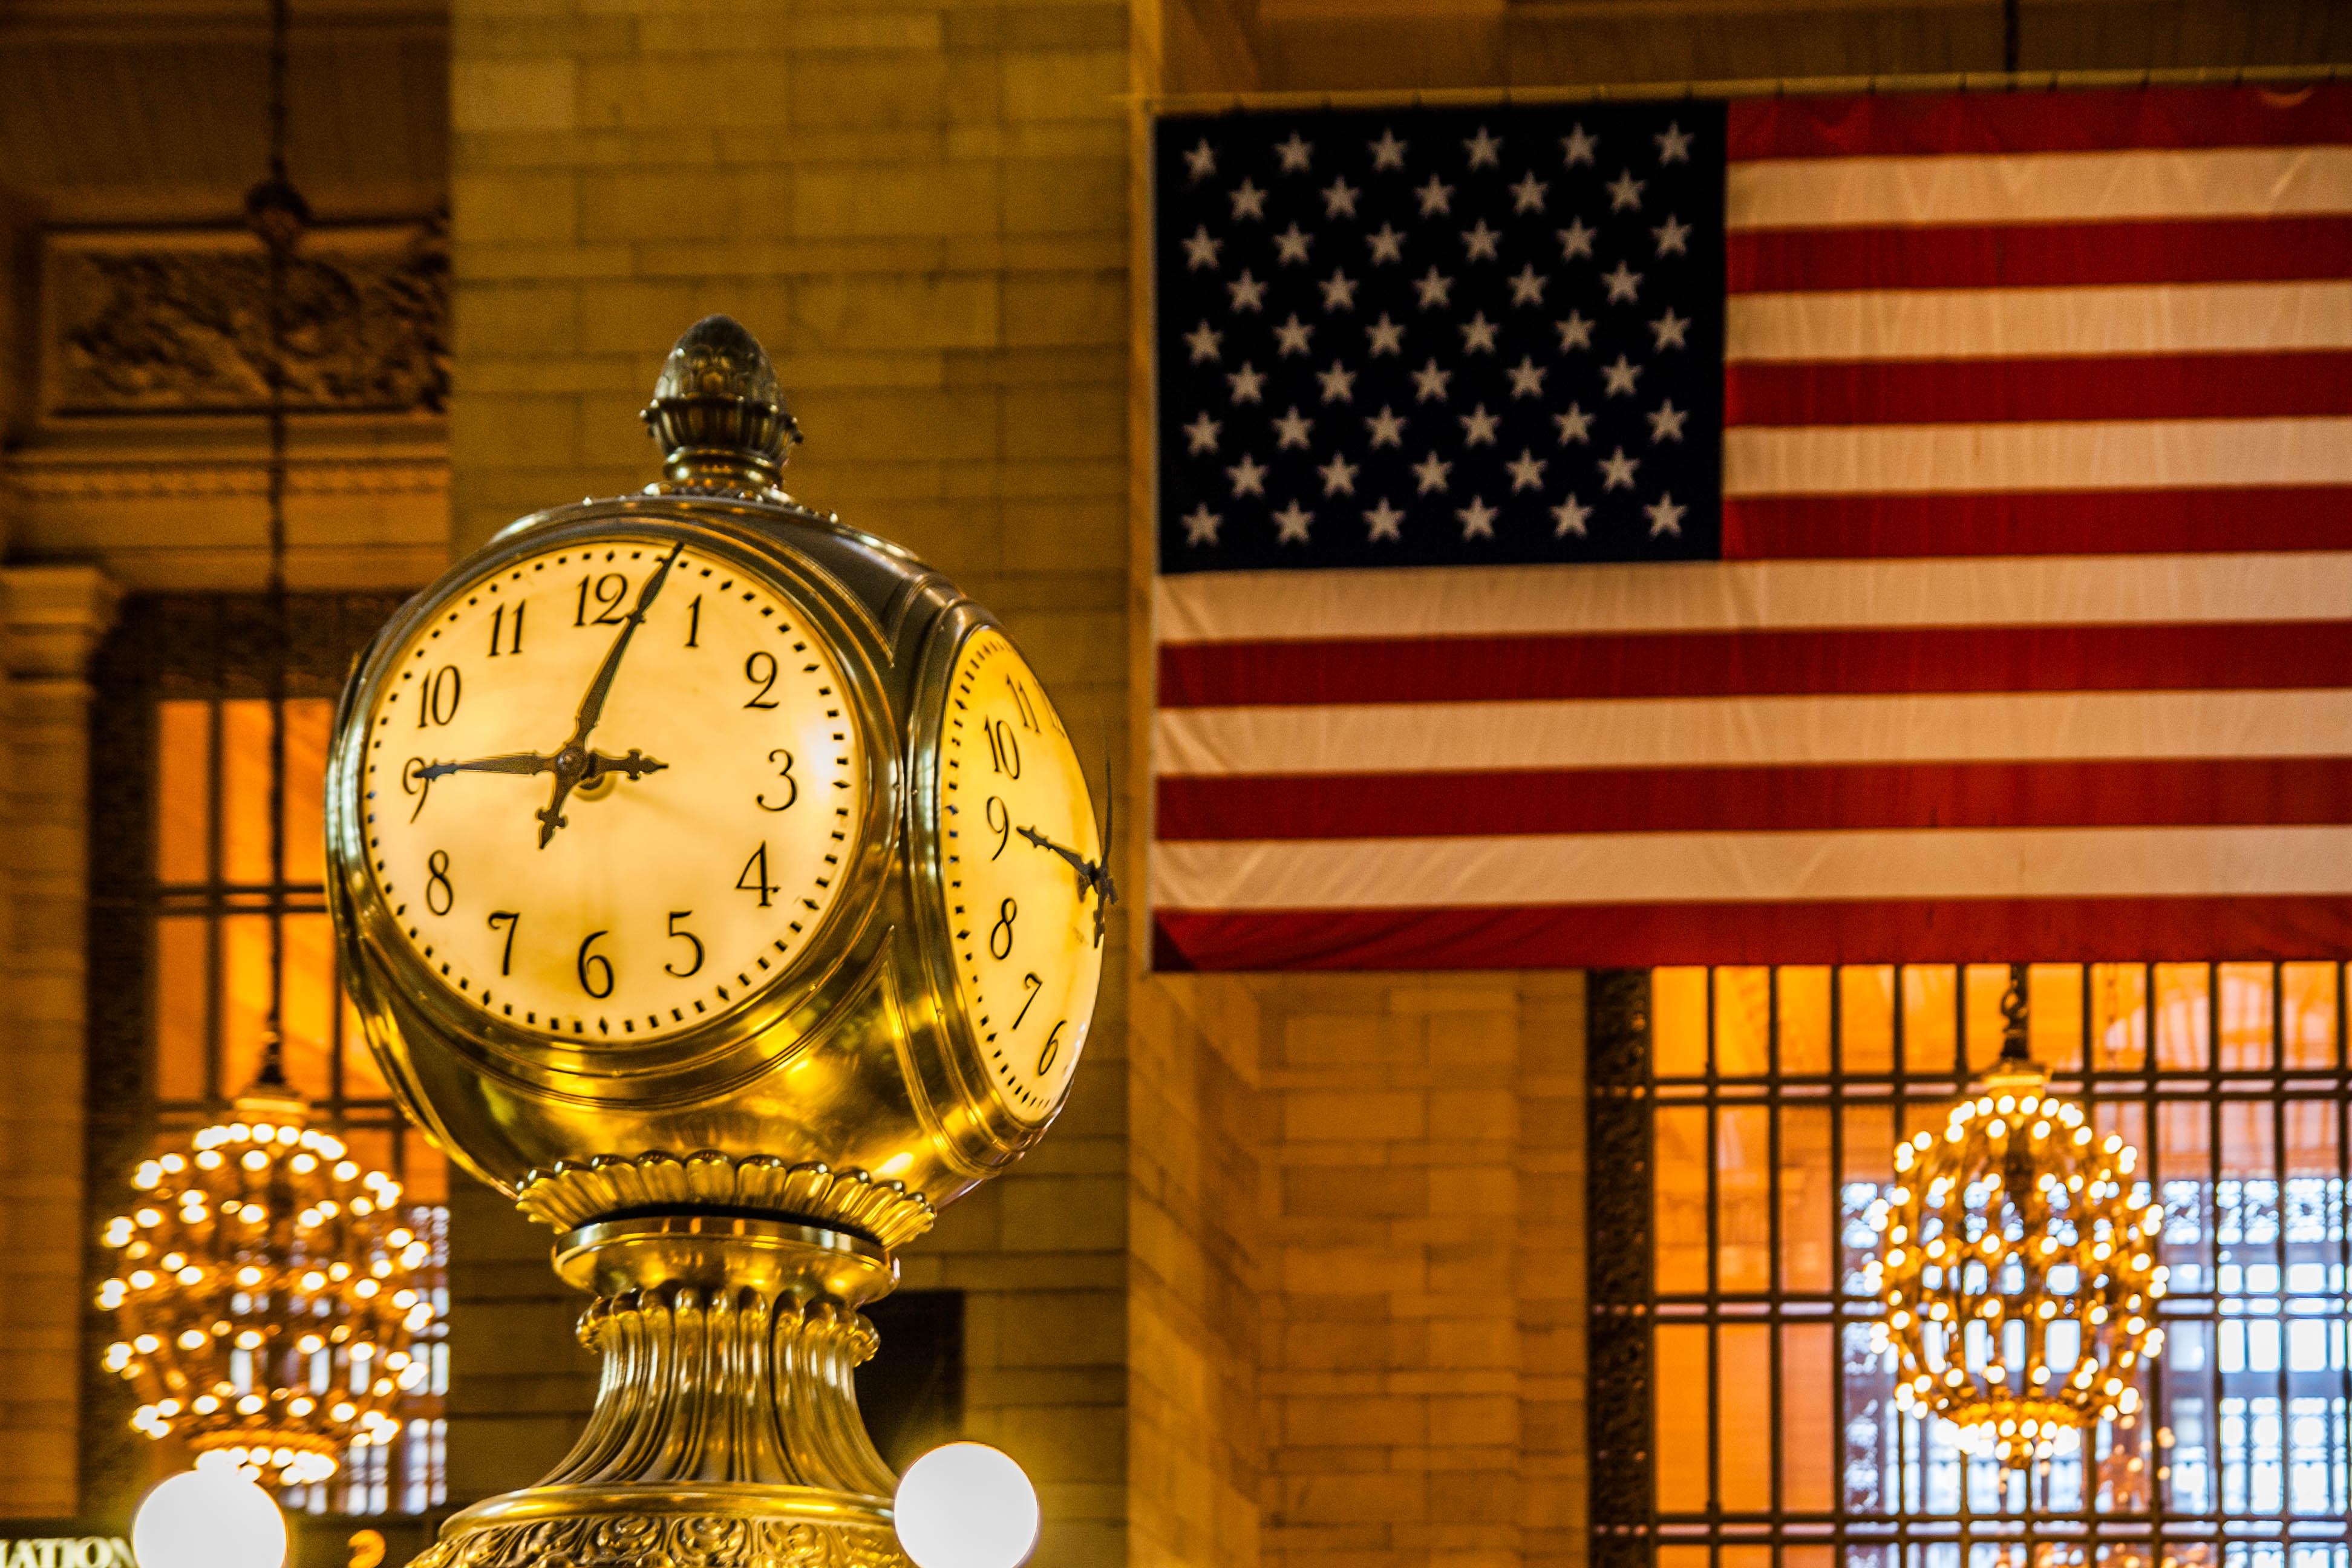 сколько время в америке крайней мере